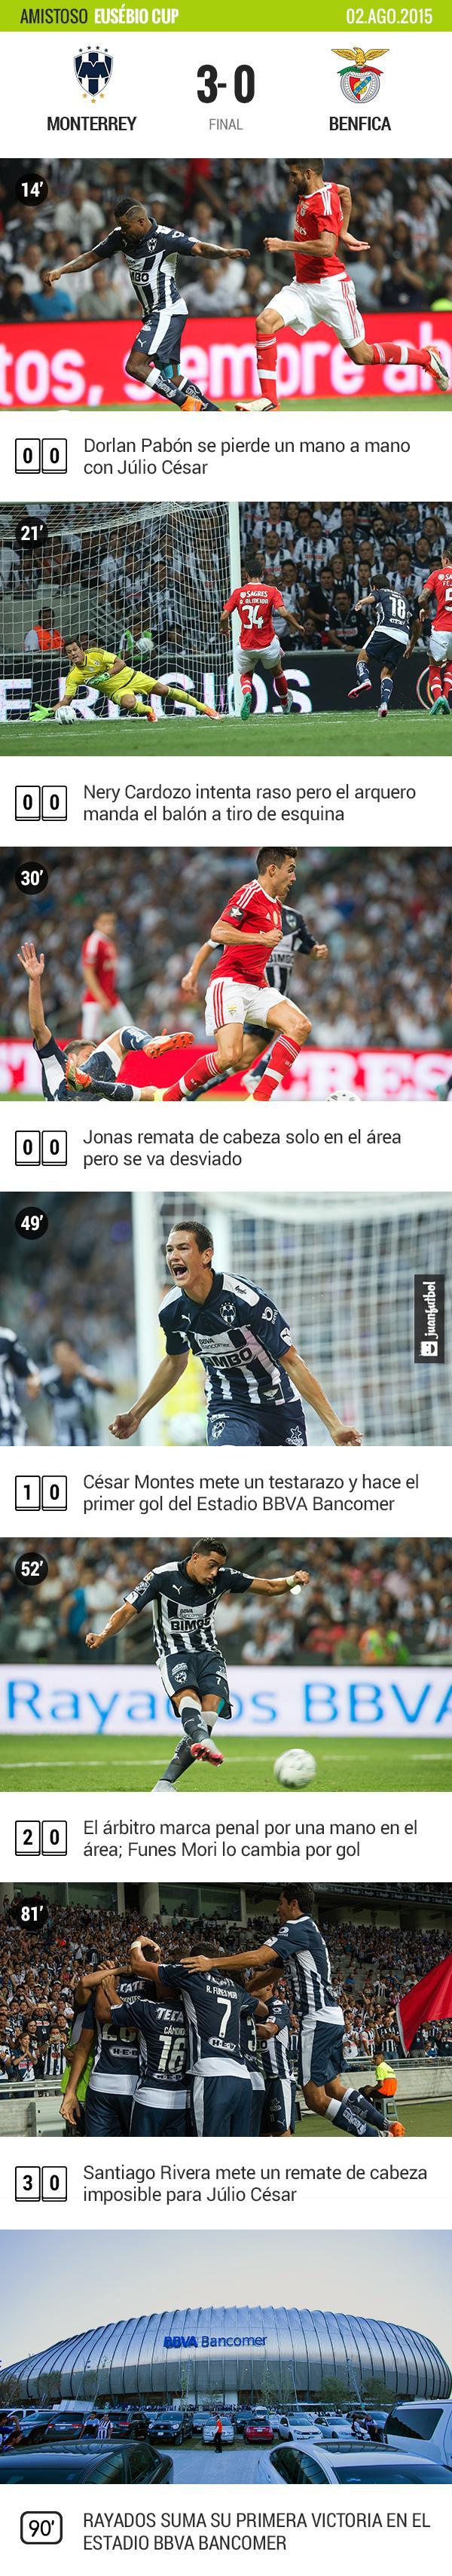 Monterrey vence 2-0 a Benfica en la inauguración del Estadio BBBVA Bancomer